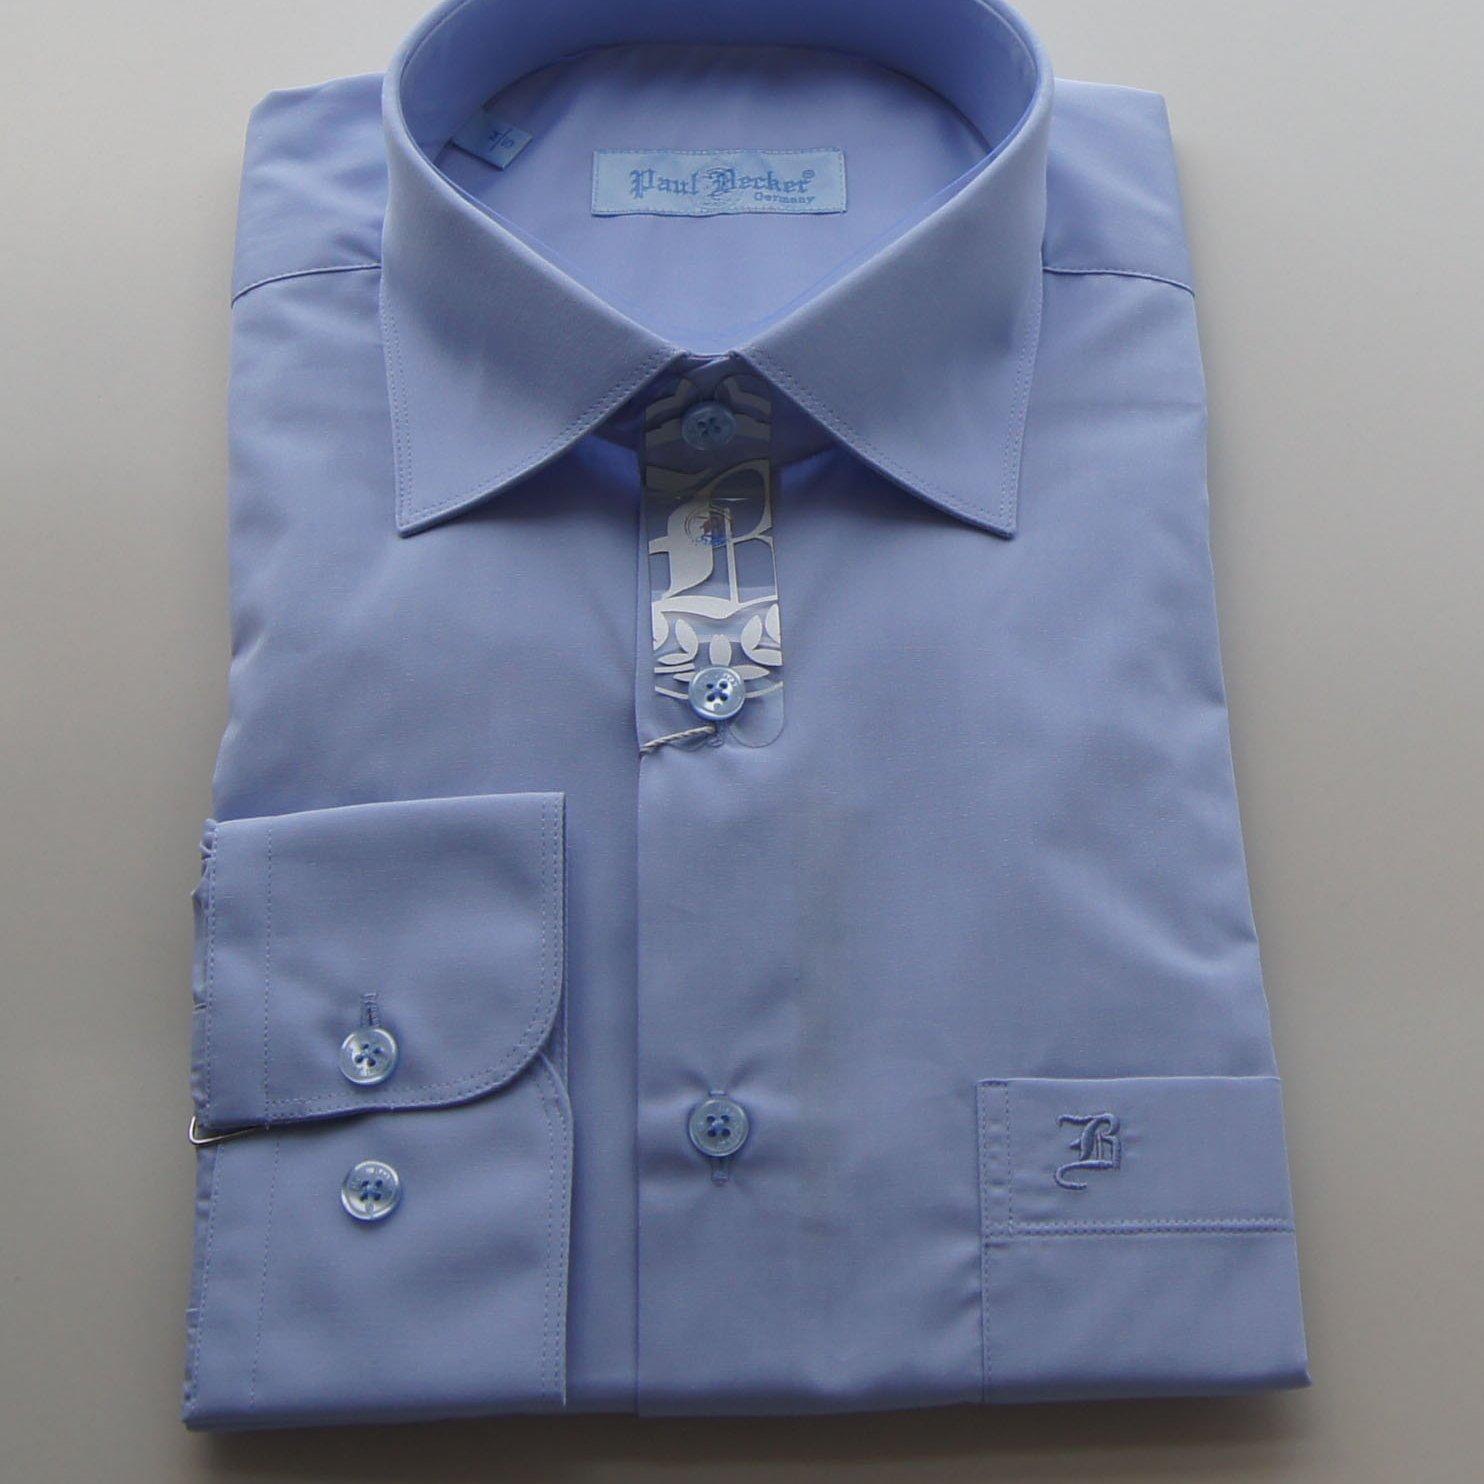 plava muska kosulja #316 - muske kosulje, kosulje za odelo, kosulje za vencanje, muske kosulje za odelo, muska odela, muska odela za vencanje, kosulje prodaja, kosulje cene, kosulje cena, kosulje za maturu